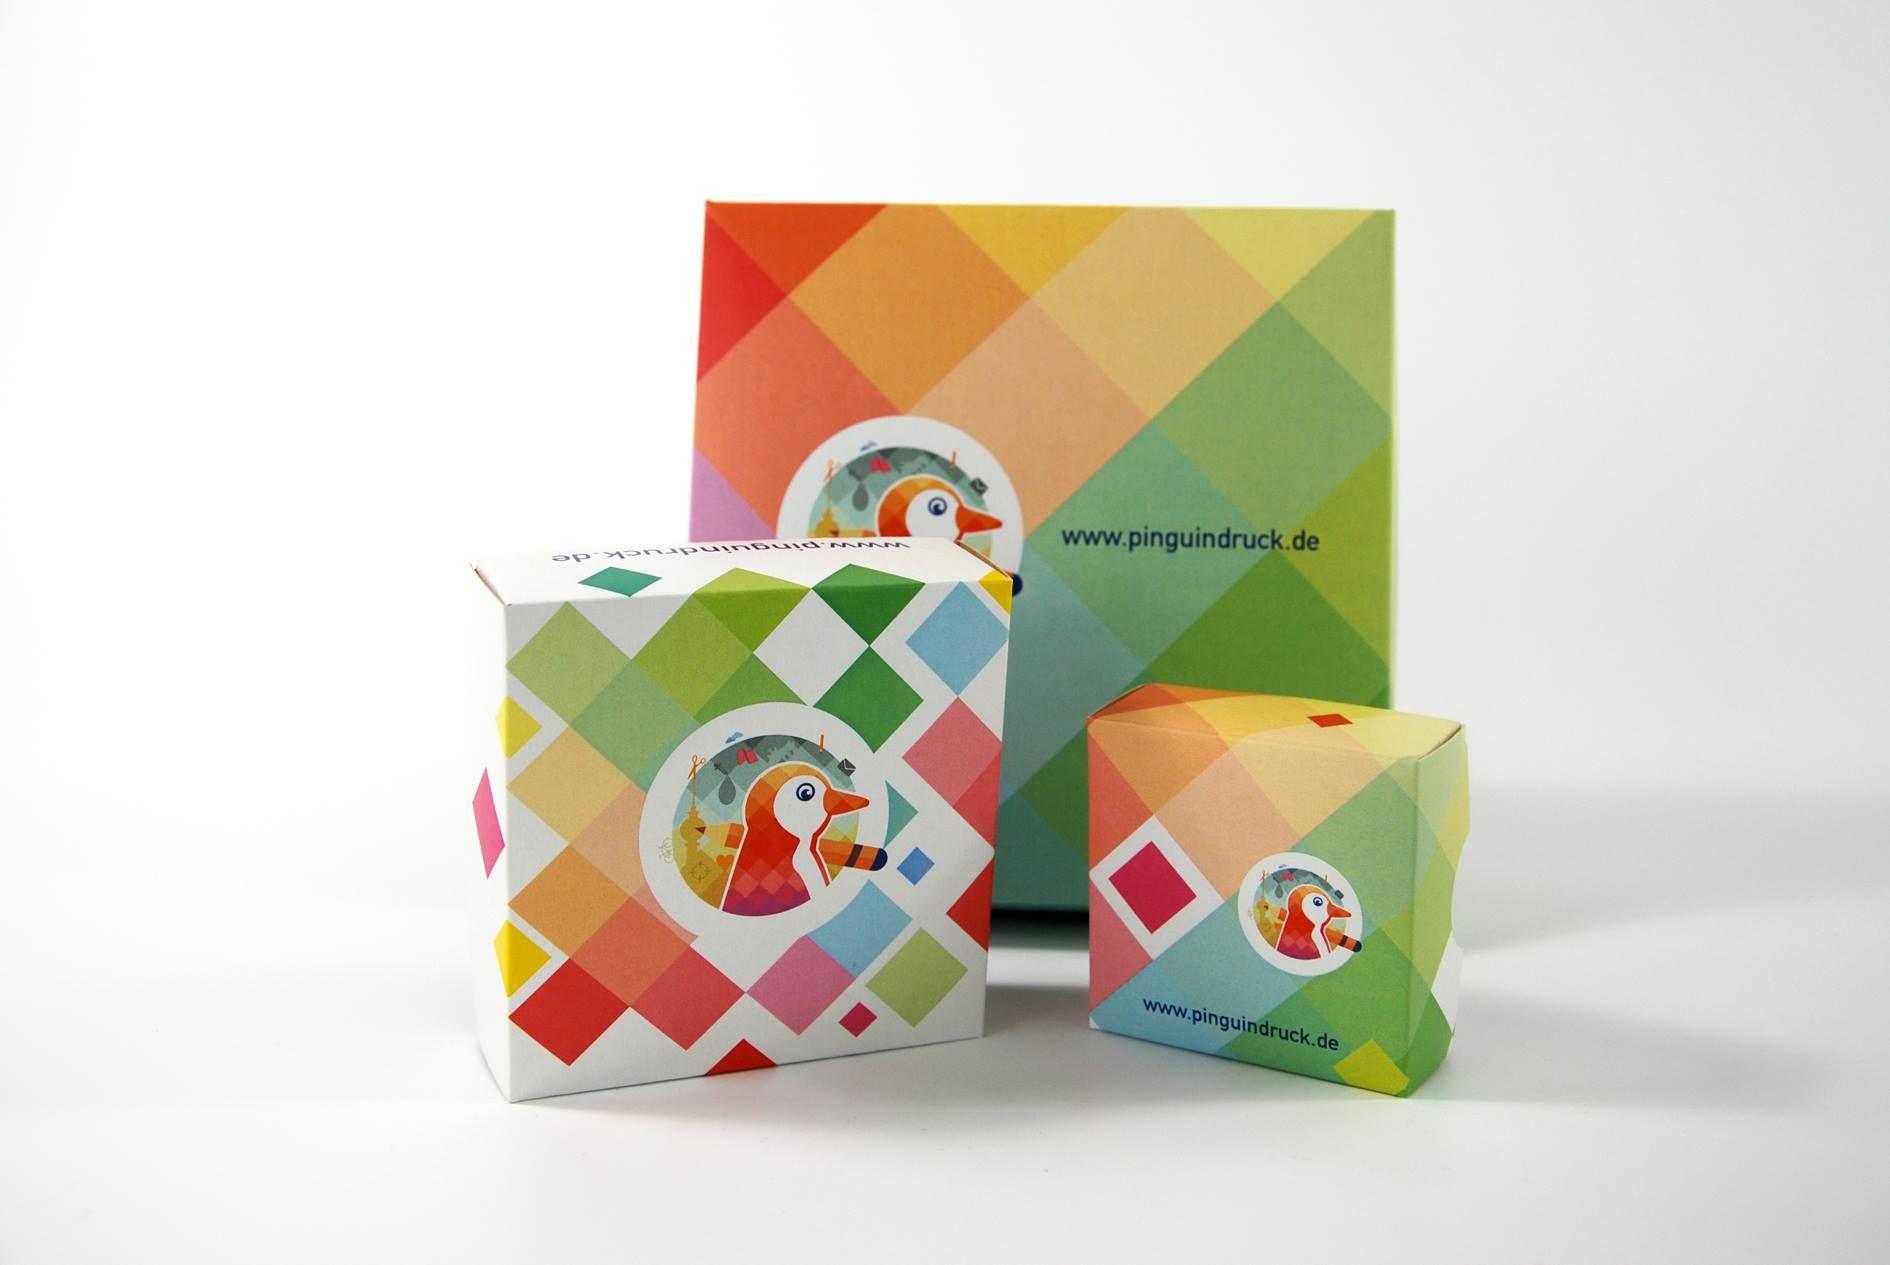 Stülpdeckel Verpackungen von Pinguin Druck